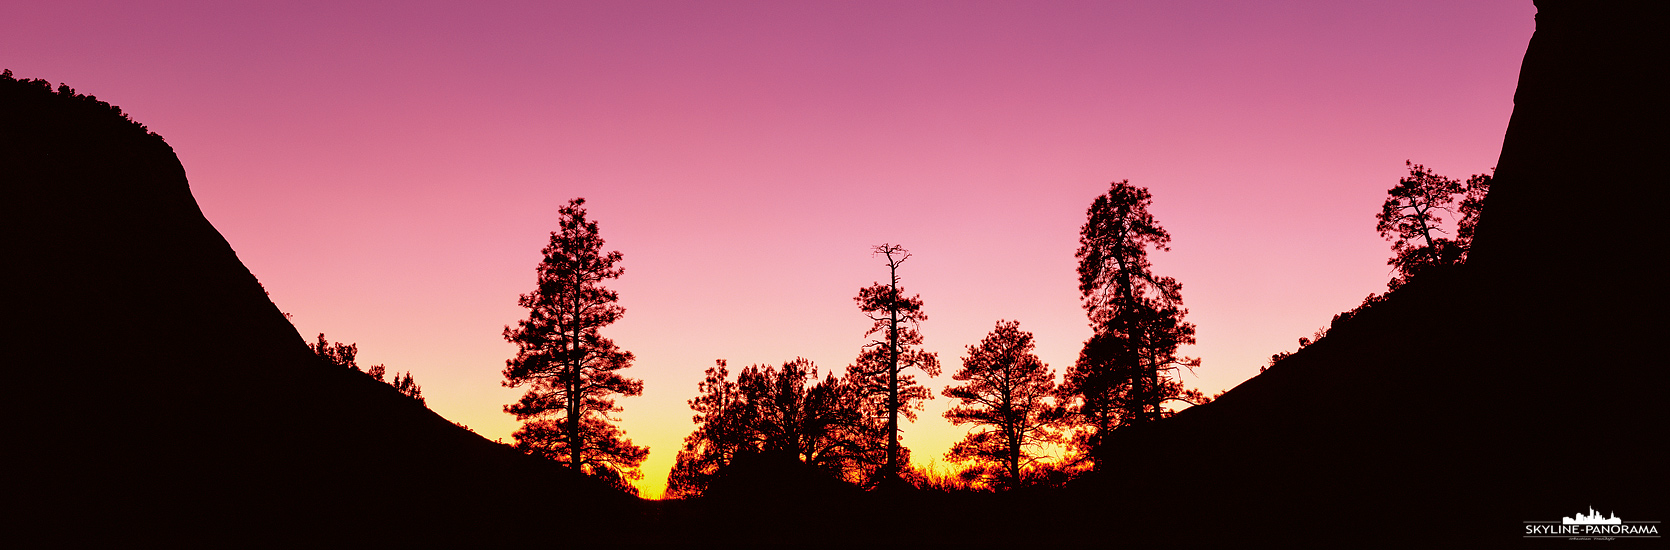 Silhouette von Bäumen - Unterwegs im Ostteil des Zion, kurz vor dem Ausgang, am letzten Parkplatz des Nationalparks entstand diese Sunset Silhouette im 6x17 Panoramaformat.